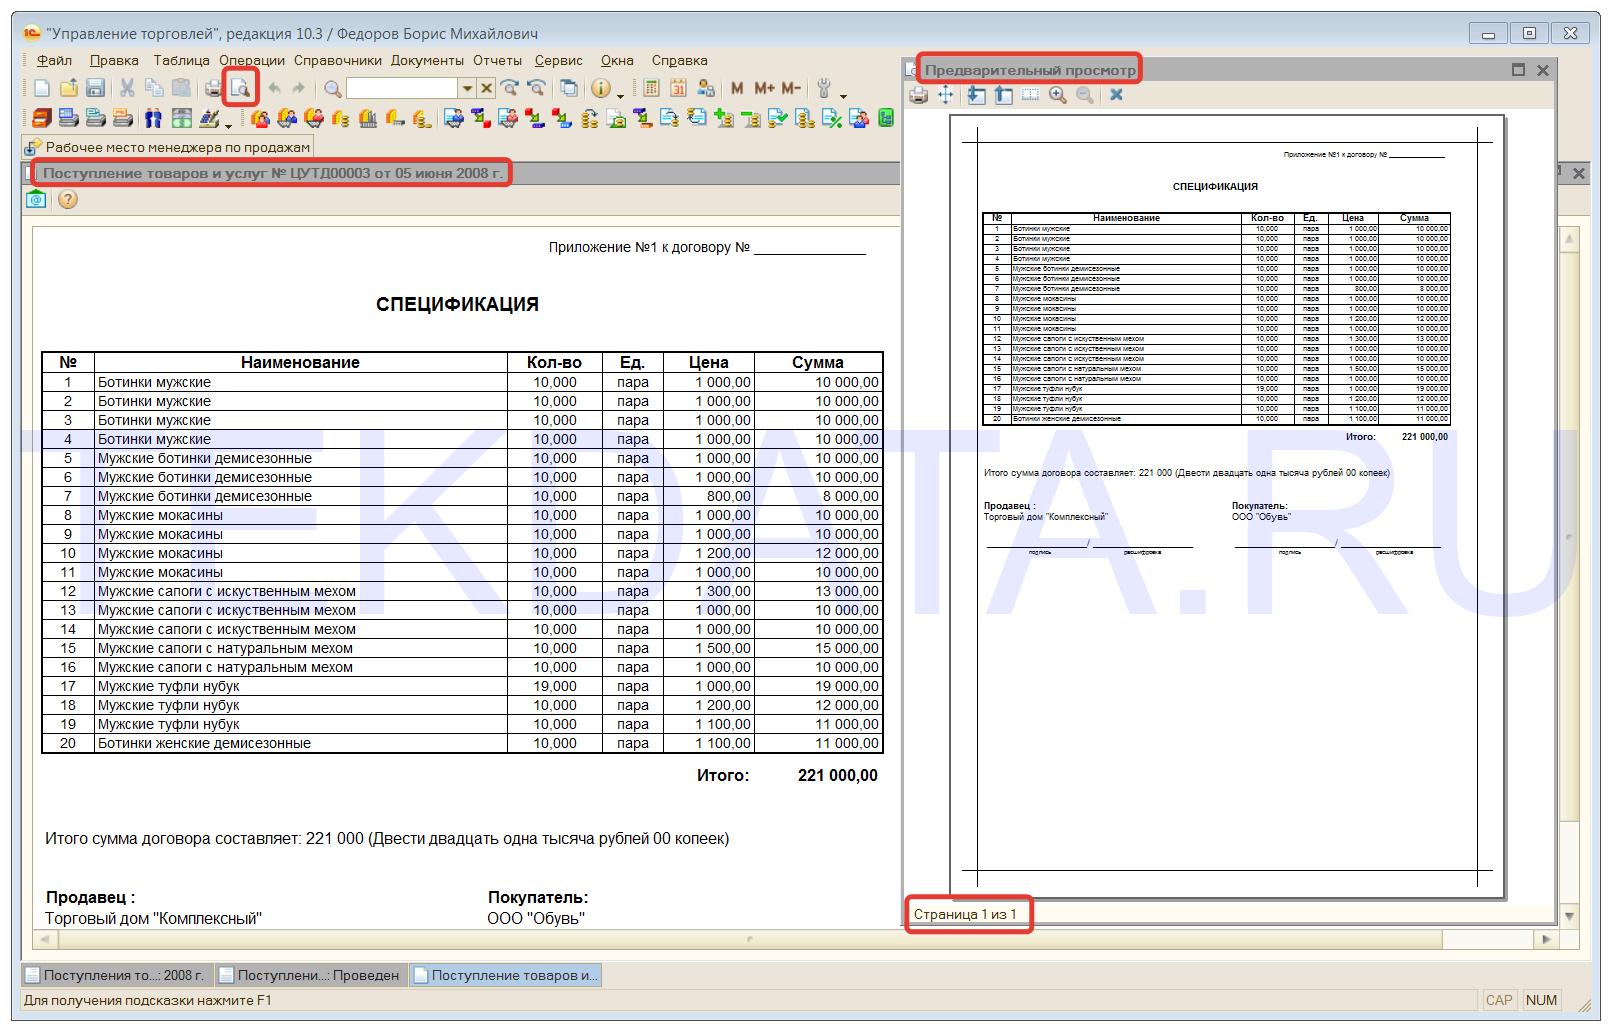 Спецификация к договору 1С 8.2 - УТ 10.3 (Рис. ptu-2) | tekdata.ru